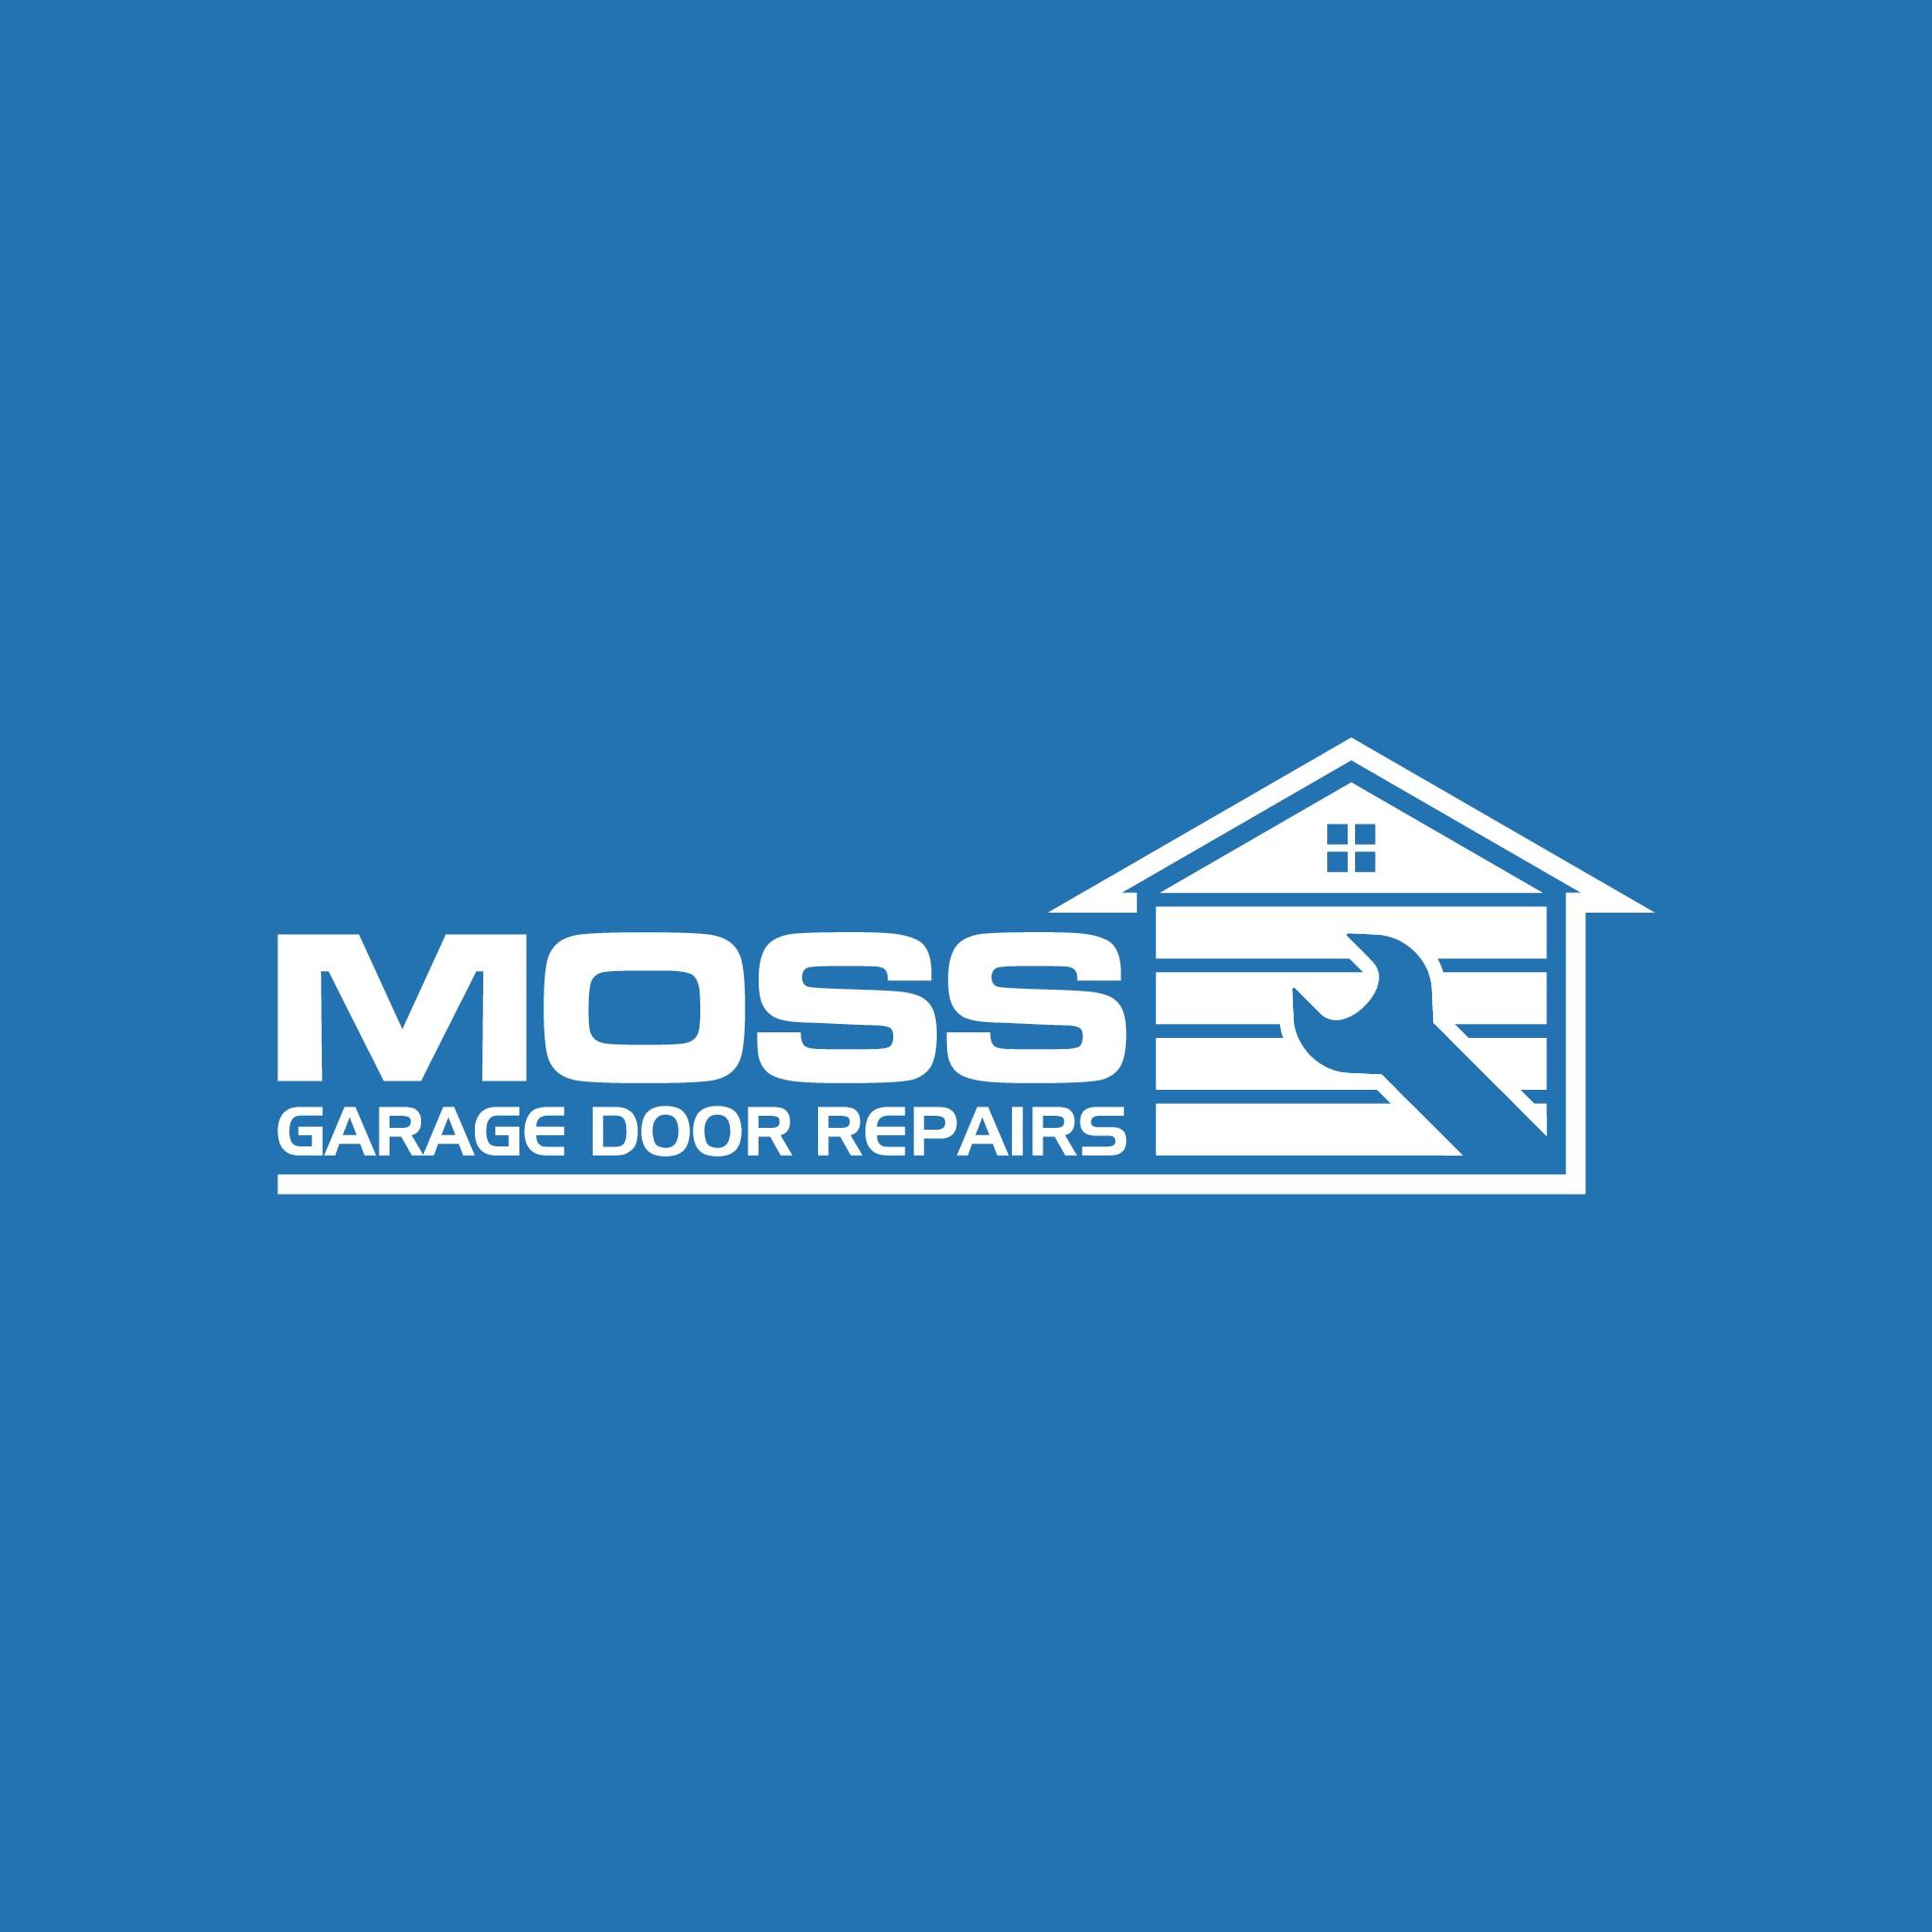 Clean, simple logo design for Garage Door Repair business